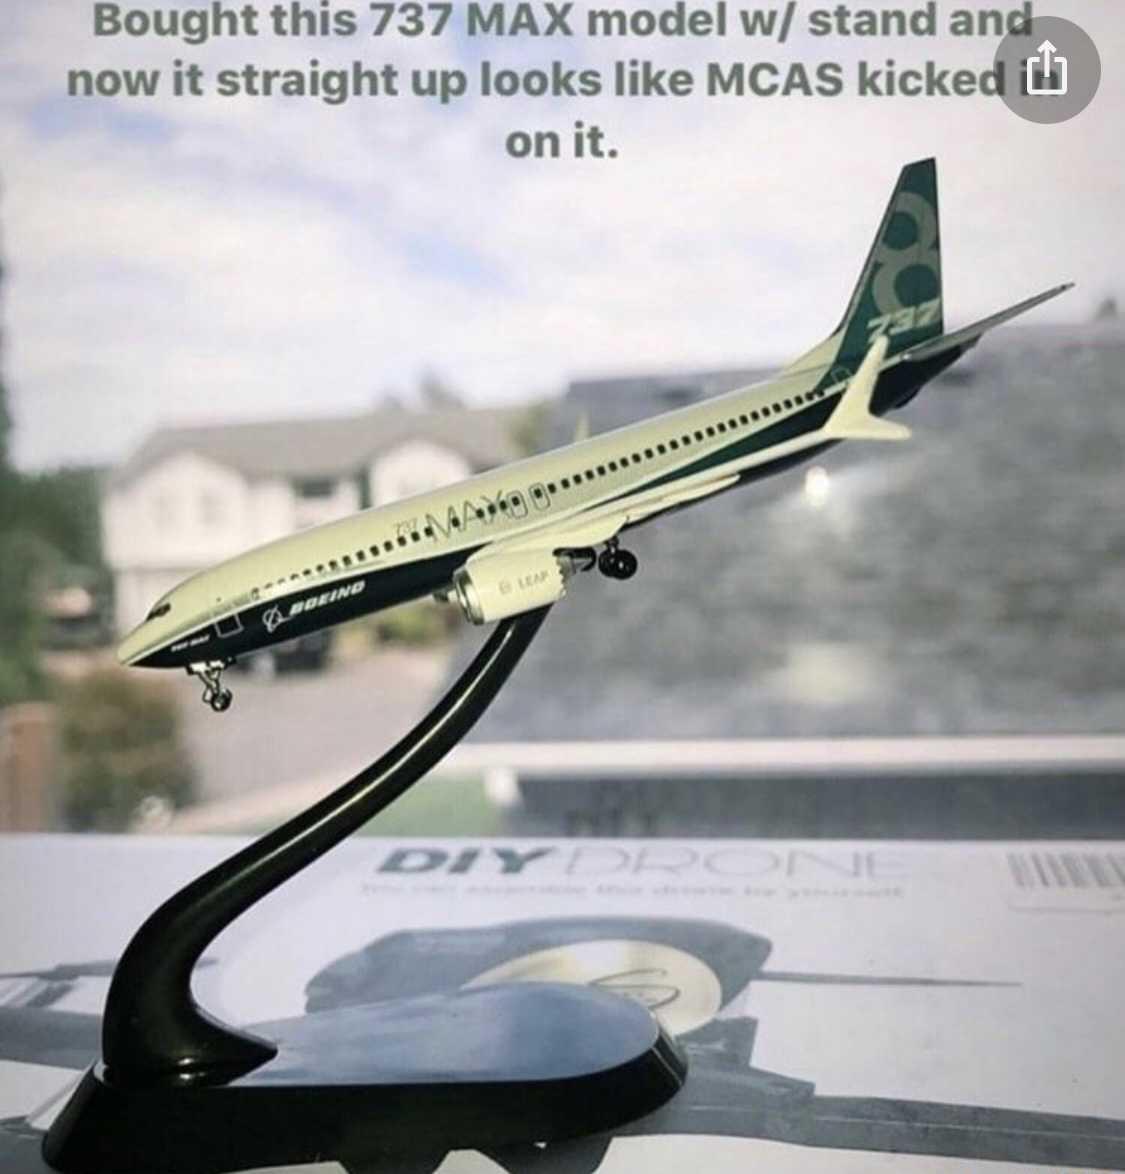 funny 737 max memes - max model